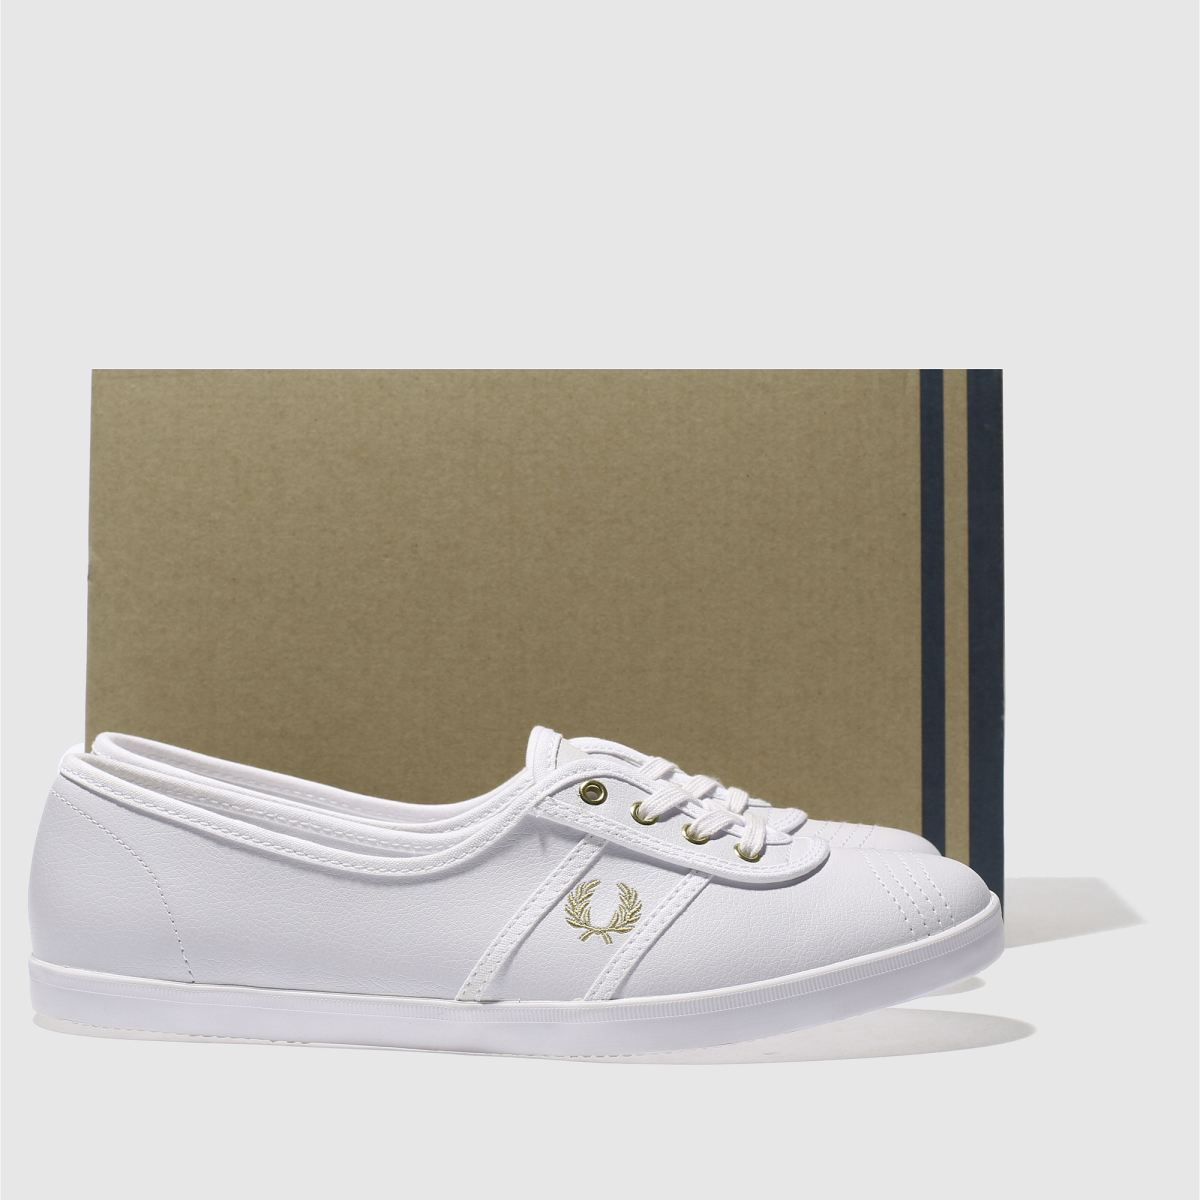 Damen Sneaker Weiß-gold fred perry Aubrey Sneaker Damen | schuh Gute Qualität beliebte Schuhe 5d479e